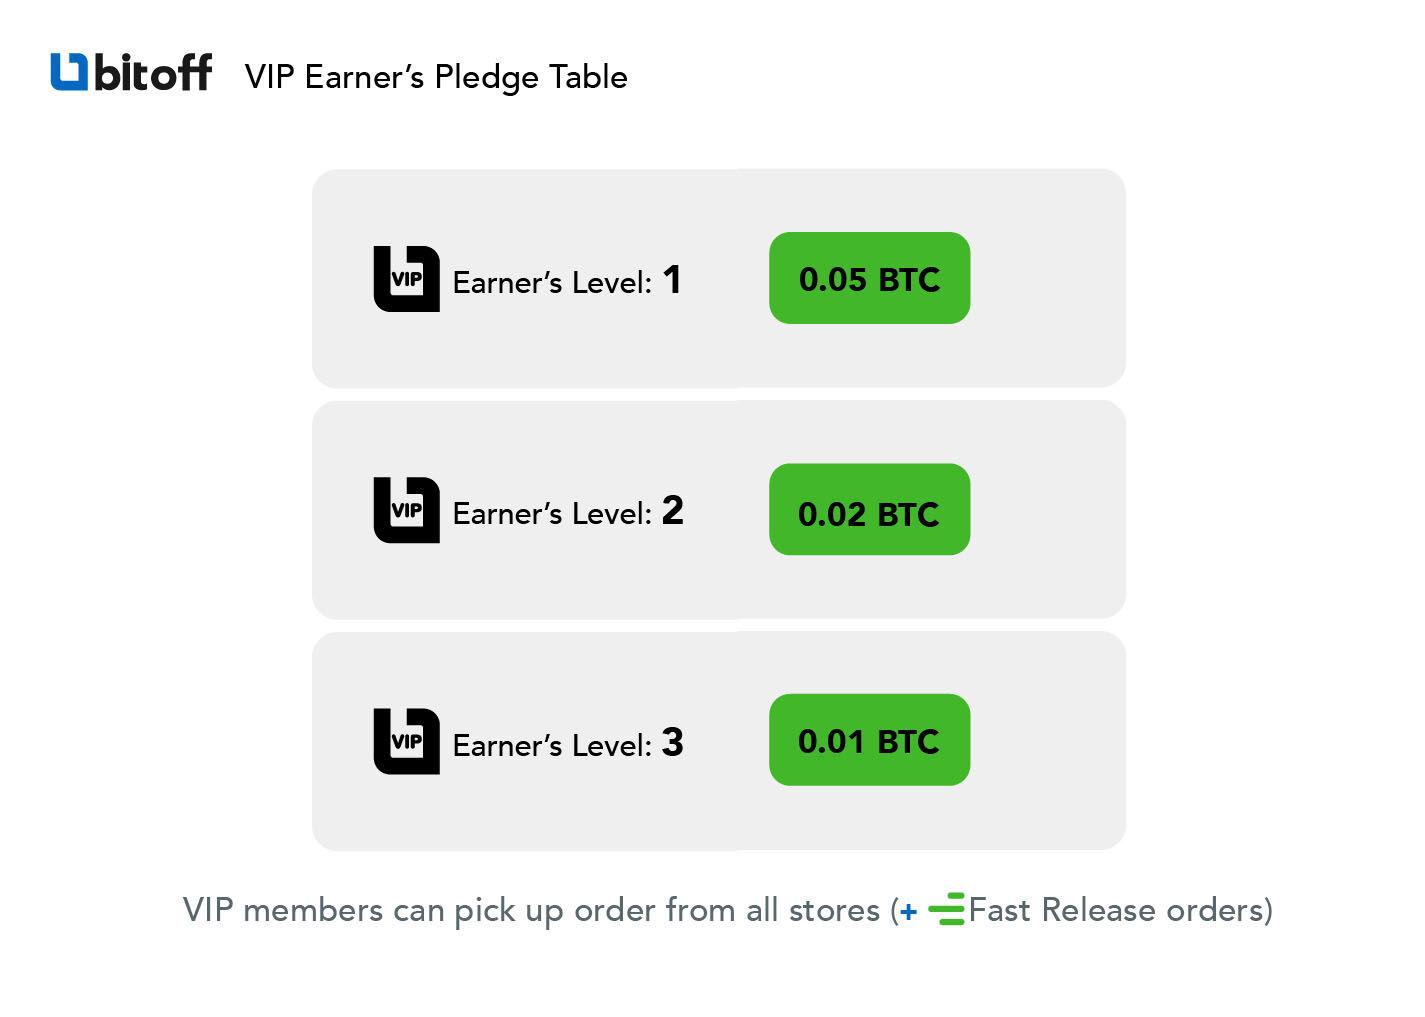 Pledge amount based on level